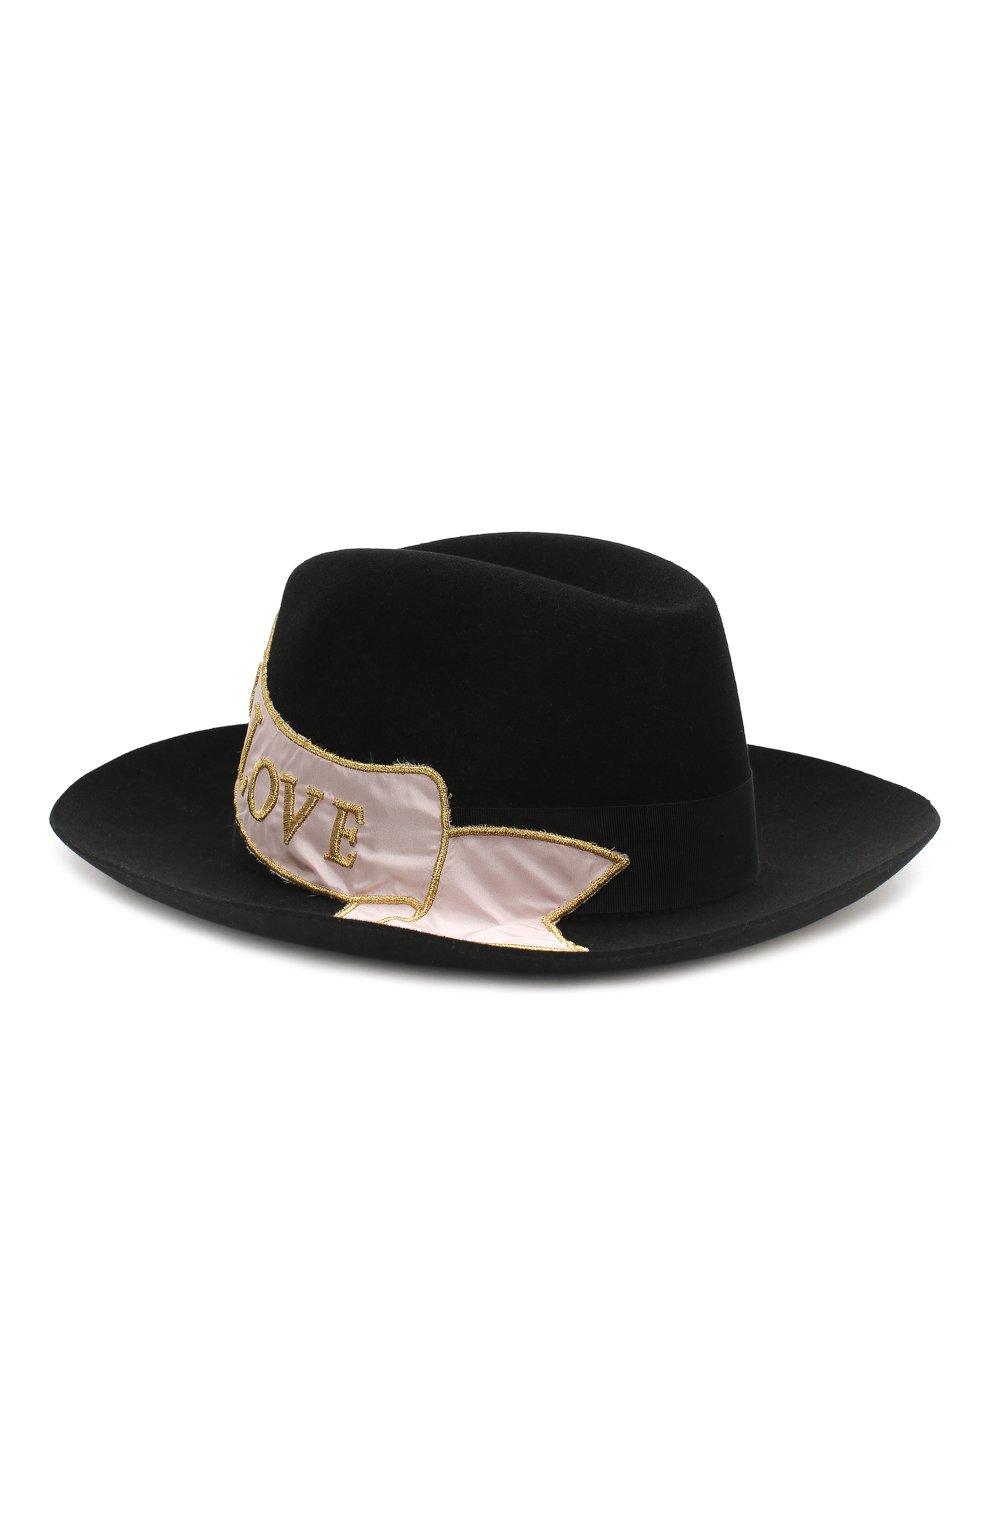 Фетровая шляпа с аппликацией Dolce & Gabbana черного цвета | Фото №2